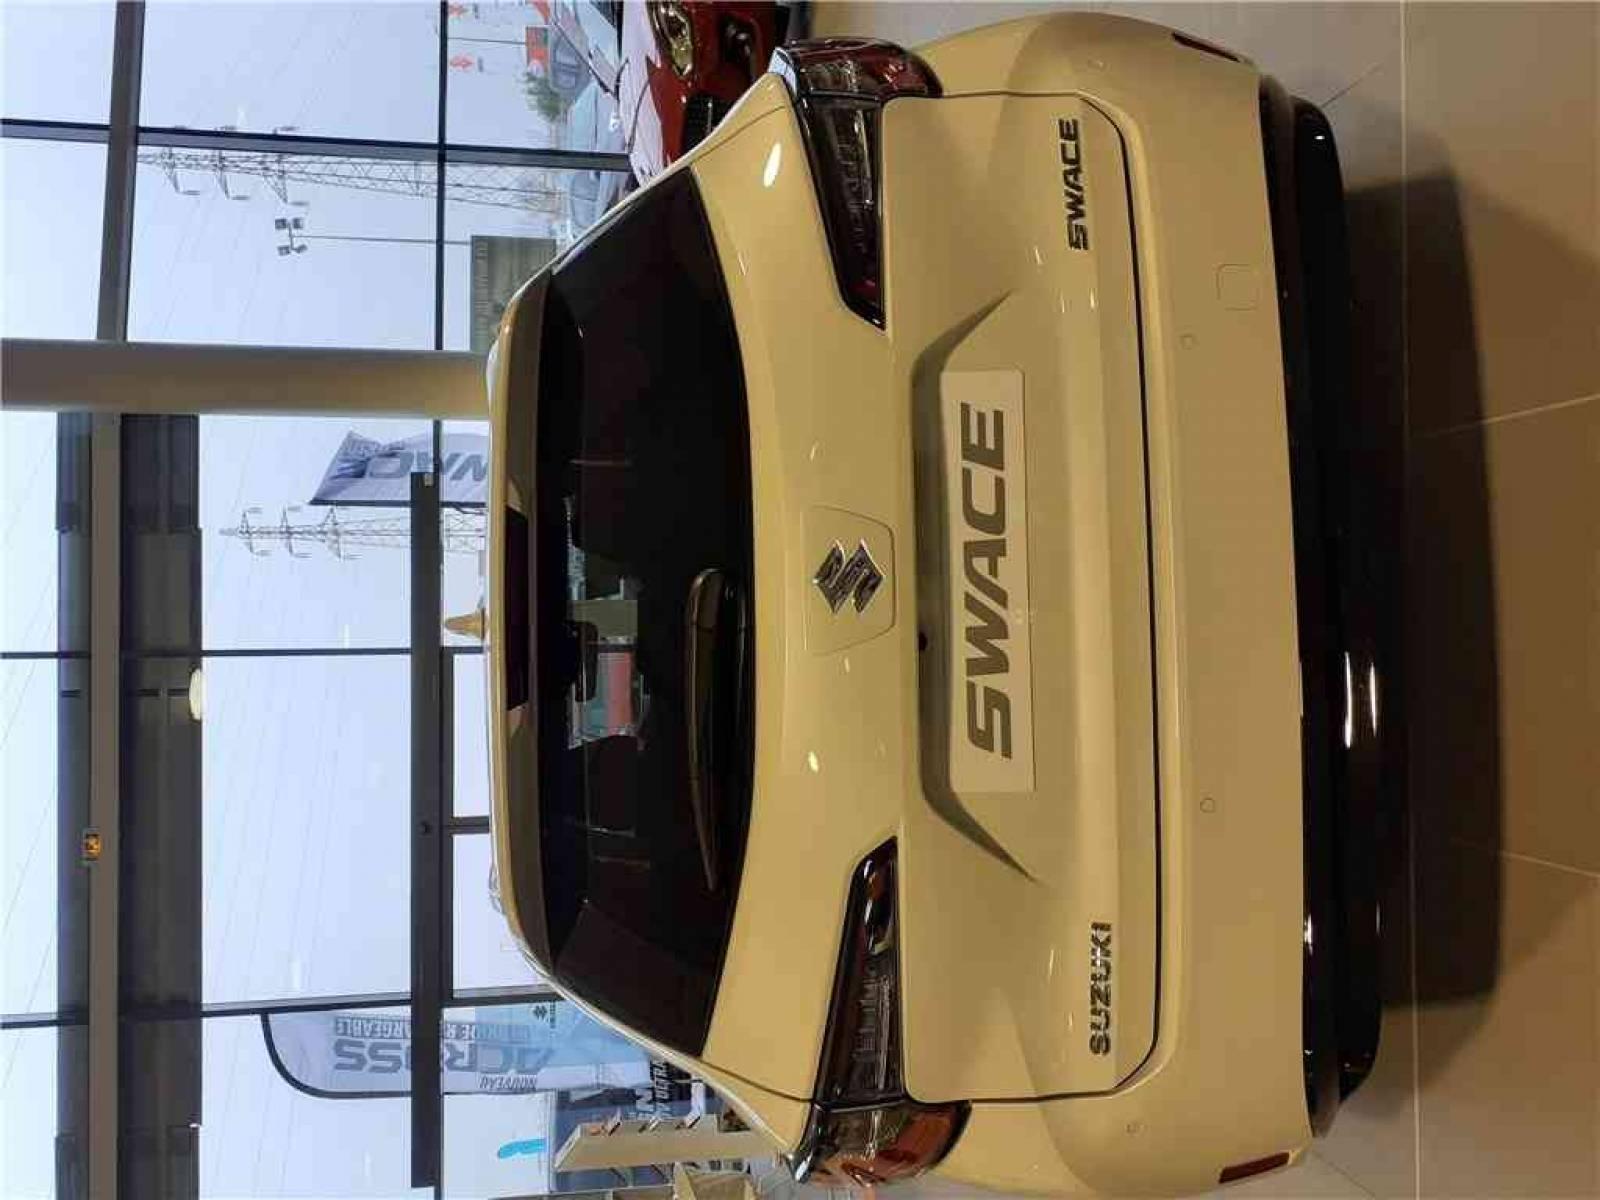 SUZUKI Swace 1.8 Hybrid - véhicule d'occasion - Groupe Guillet - Hall de l'automobile - Chalon sur Saône - 71380 - Saint-Marcel - 49